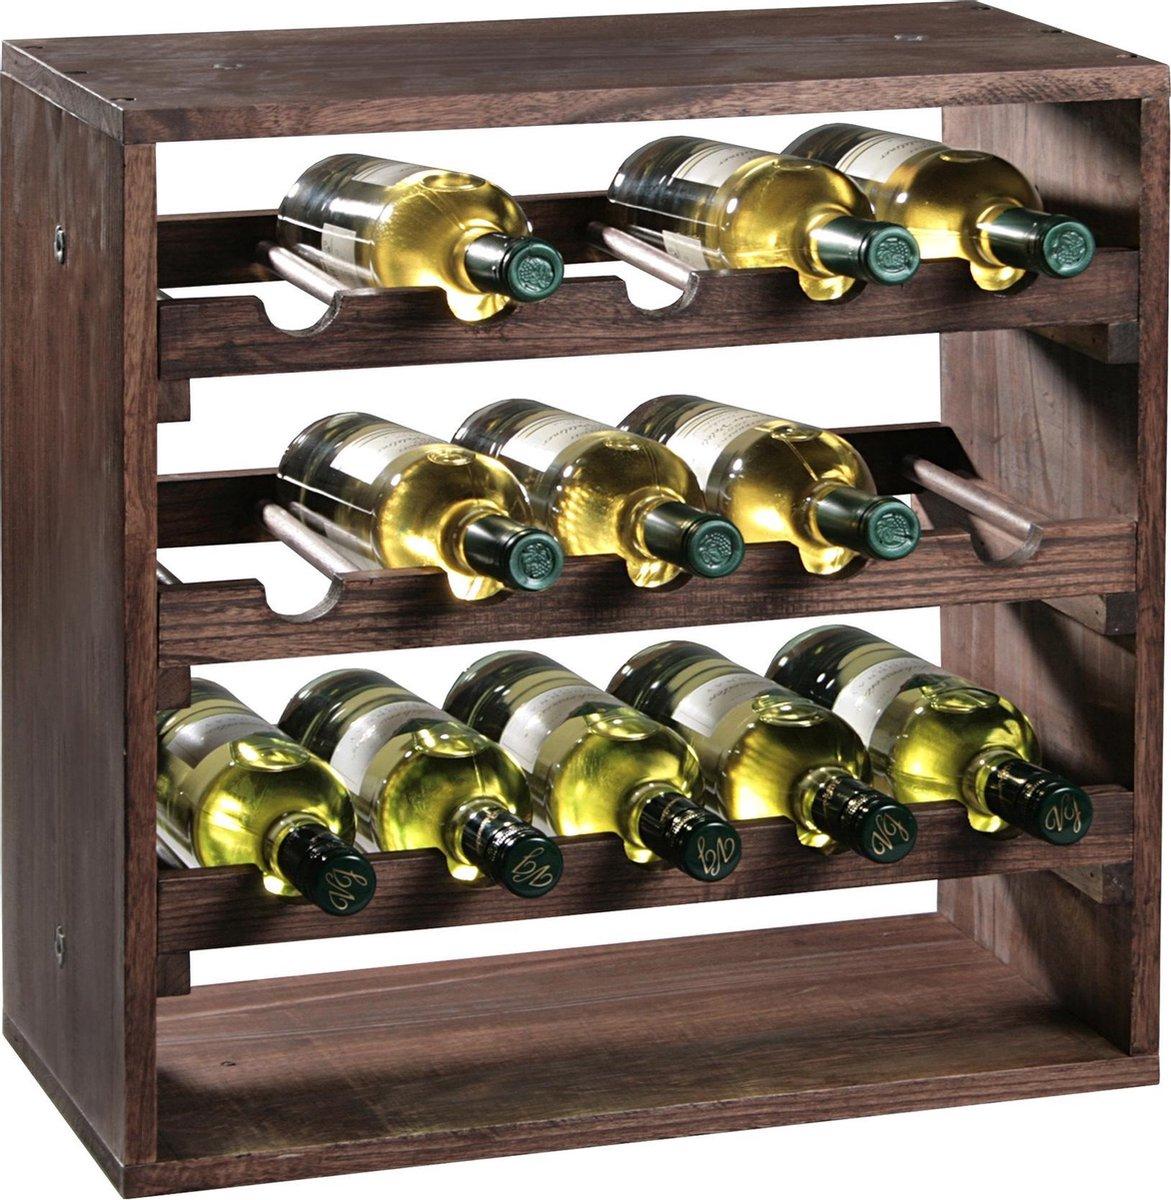 Houten wijnflessen rek/wijnrek vierkant voor 15 flessen 25 x 50 x 50 cm - Woonaccessoires/decoratie - Wijnflesrekken/wijnflessenrekken/wijnrekken - Rek/houder voor wijnflessen